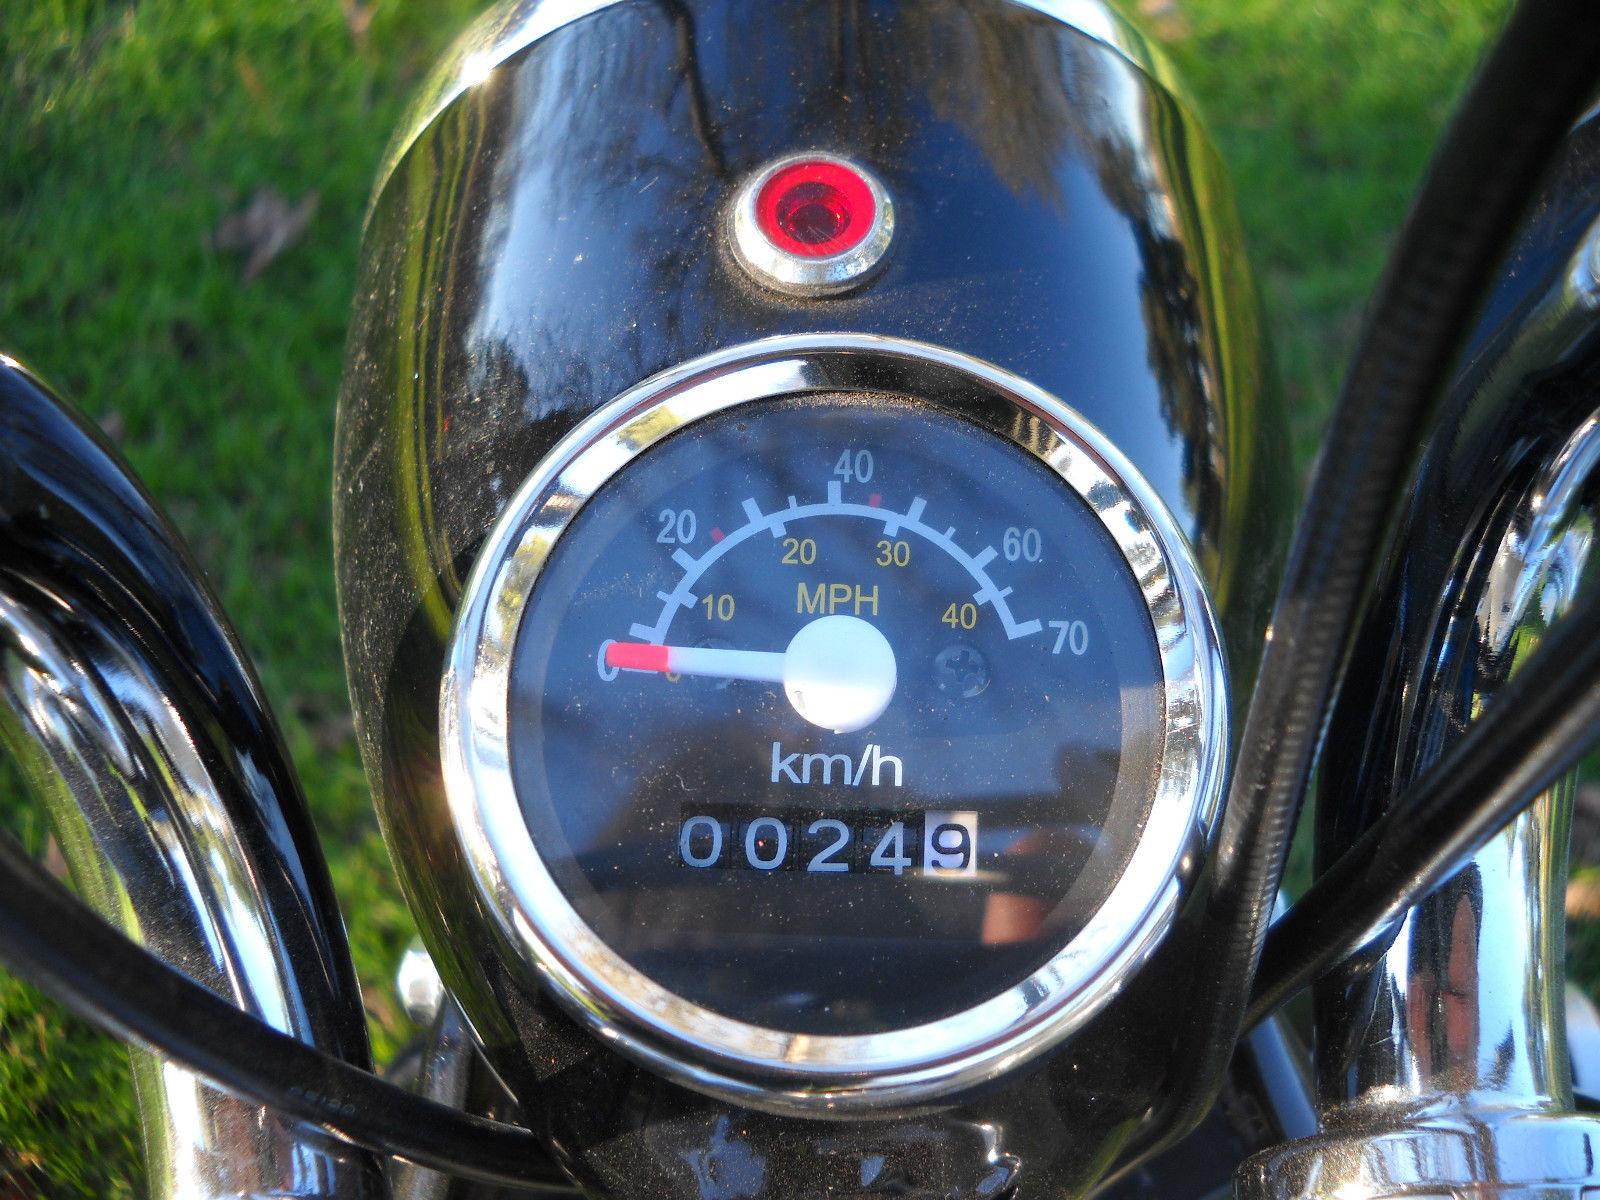 1970 Honda Z50 Minitrail Custom 4 Speed Manual Clutch Street Legal Wiring Harness Other